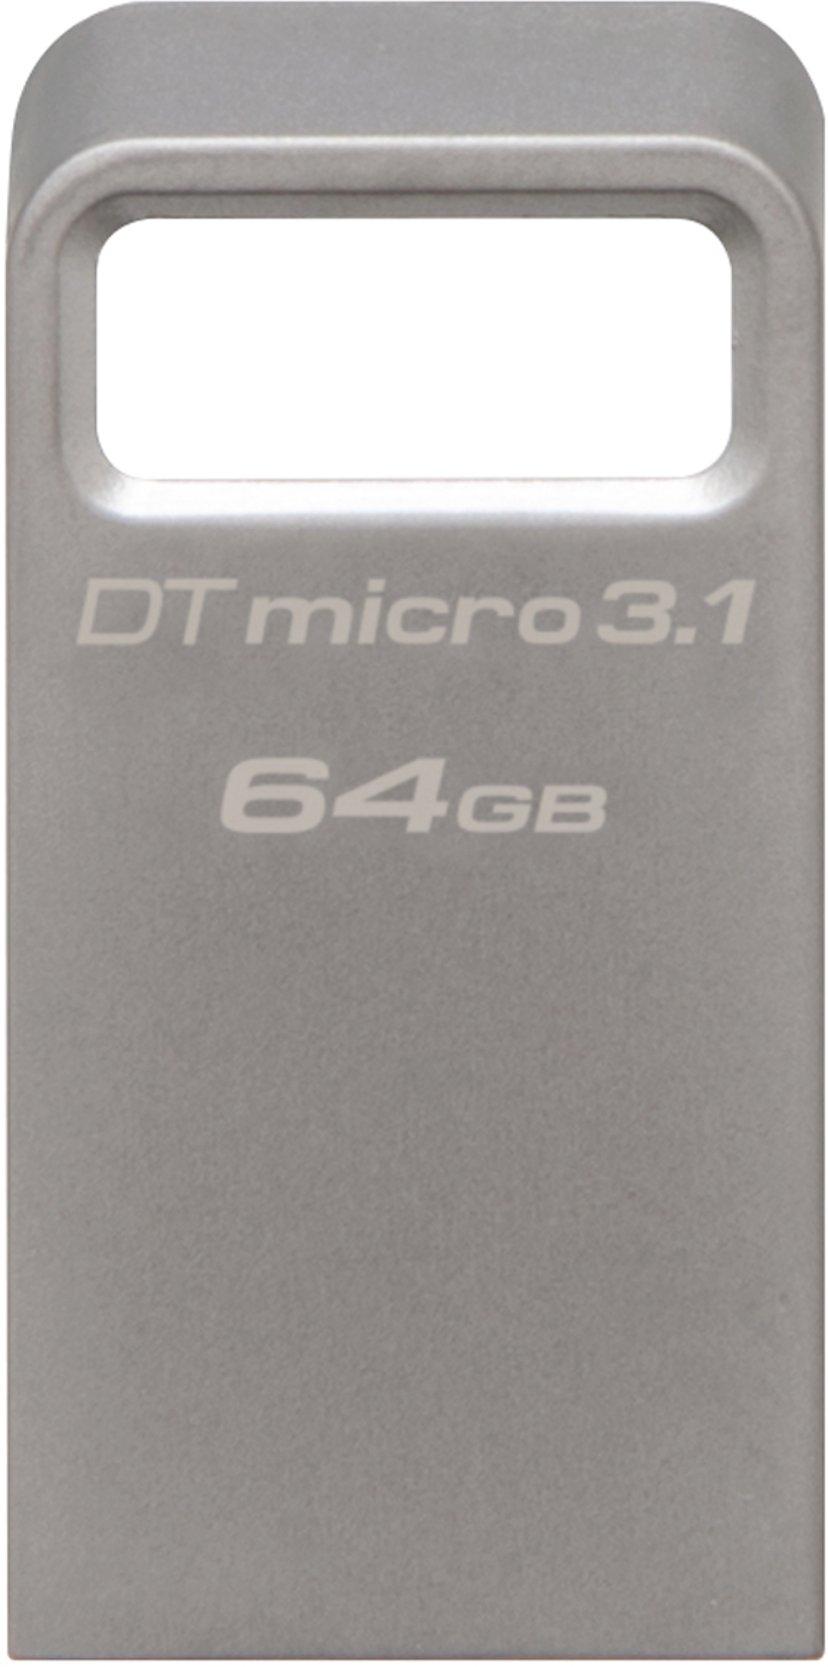 Kingston DataTraveler Micro 3.1 64GB USB 3.1